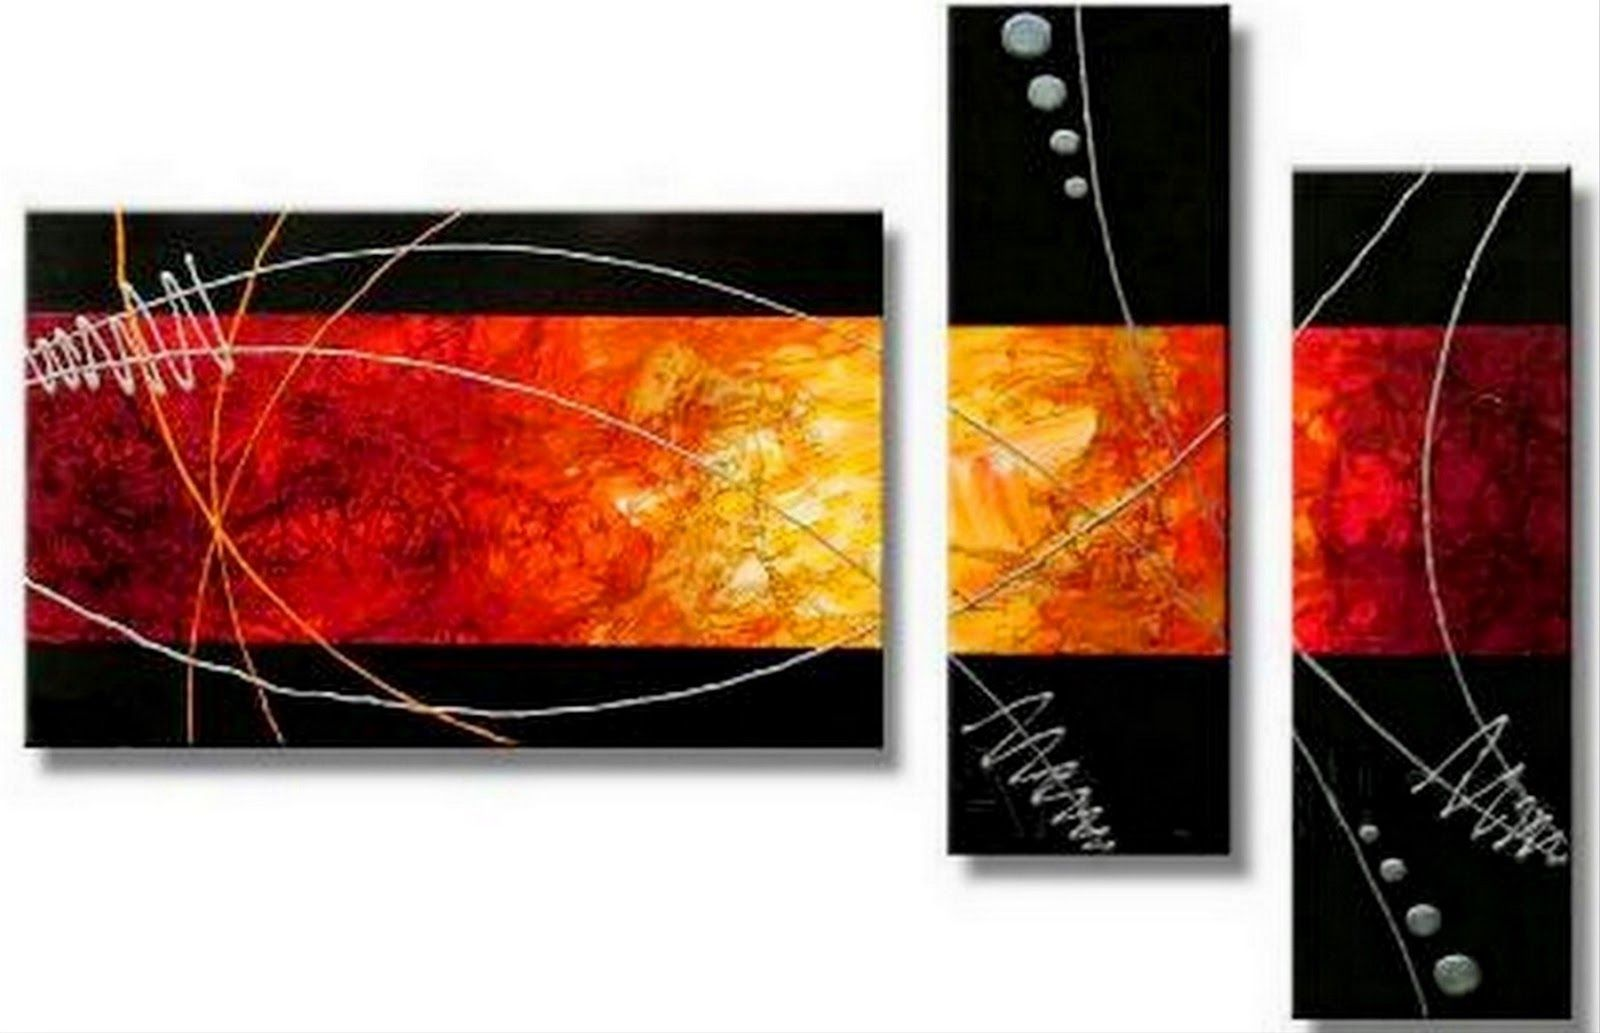 cuadros trpticos abstractos con textura imgenes arte temtico